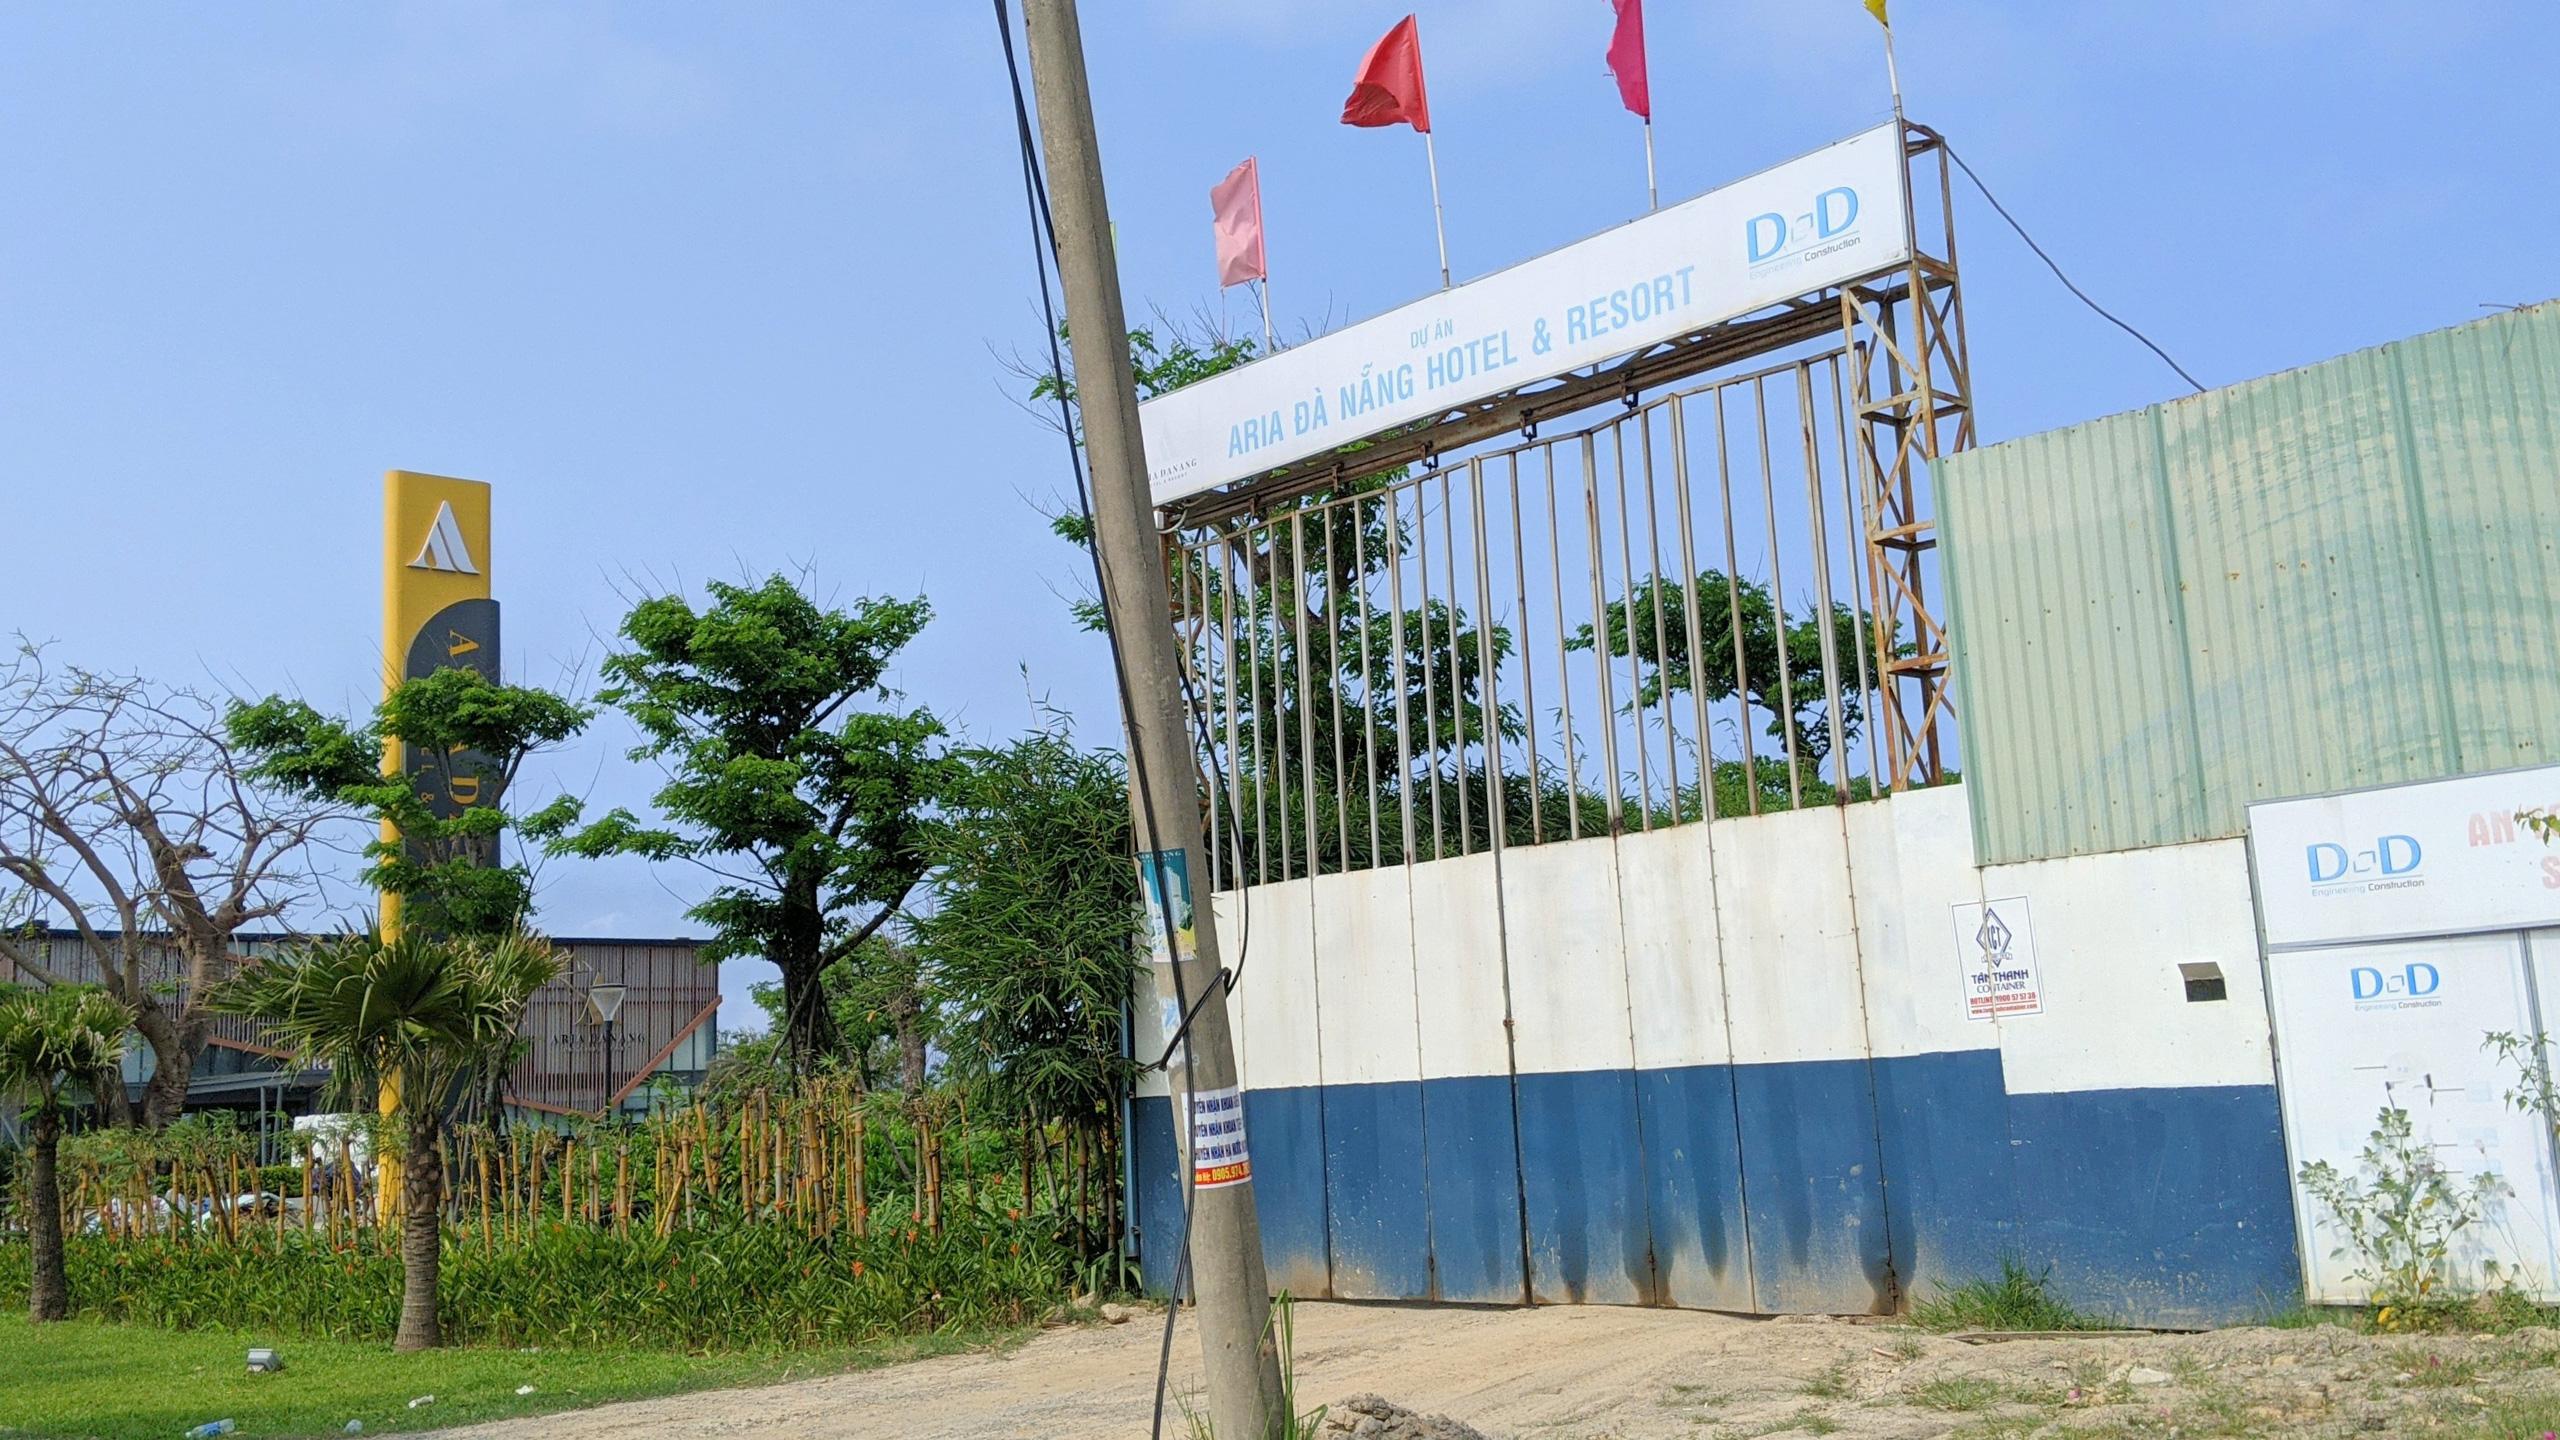 Doanh nghiệp BĐS hội tụ dọc đường ven biển Đà Nẵng - Hội An [Phần 1]: Vingroup, BRG, Sovico,... - Ảnh 16.